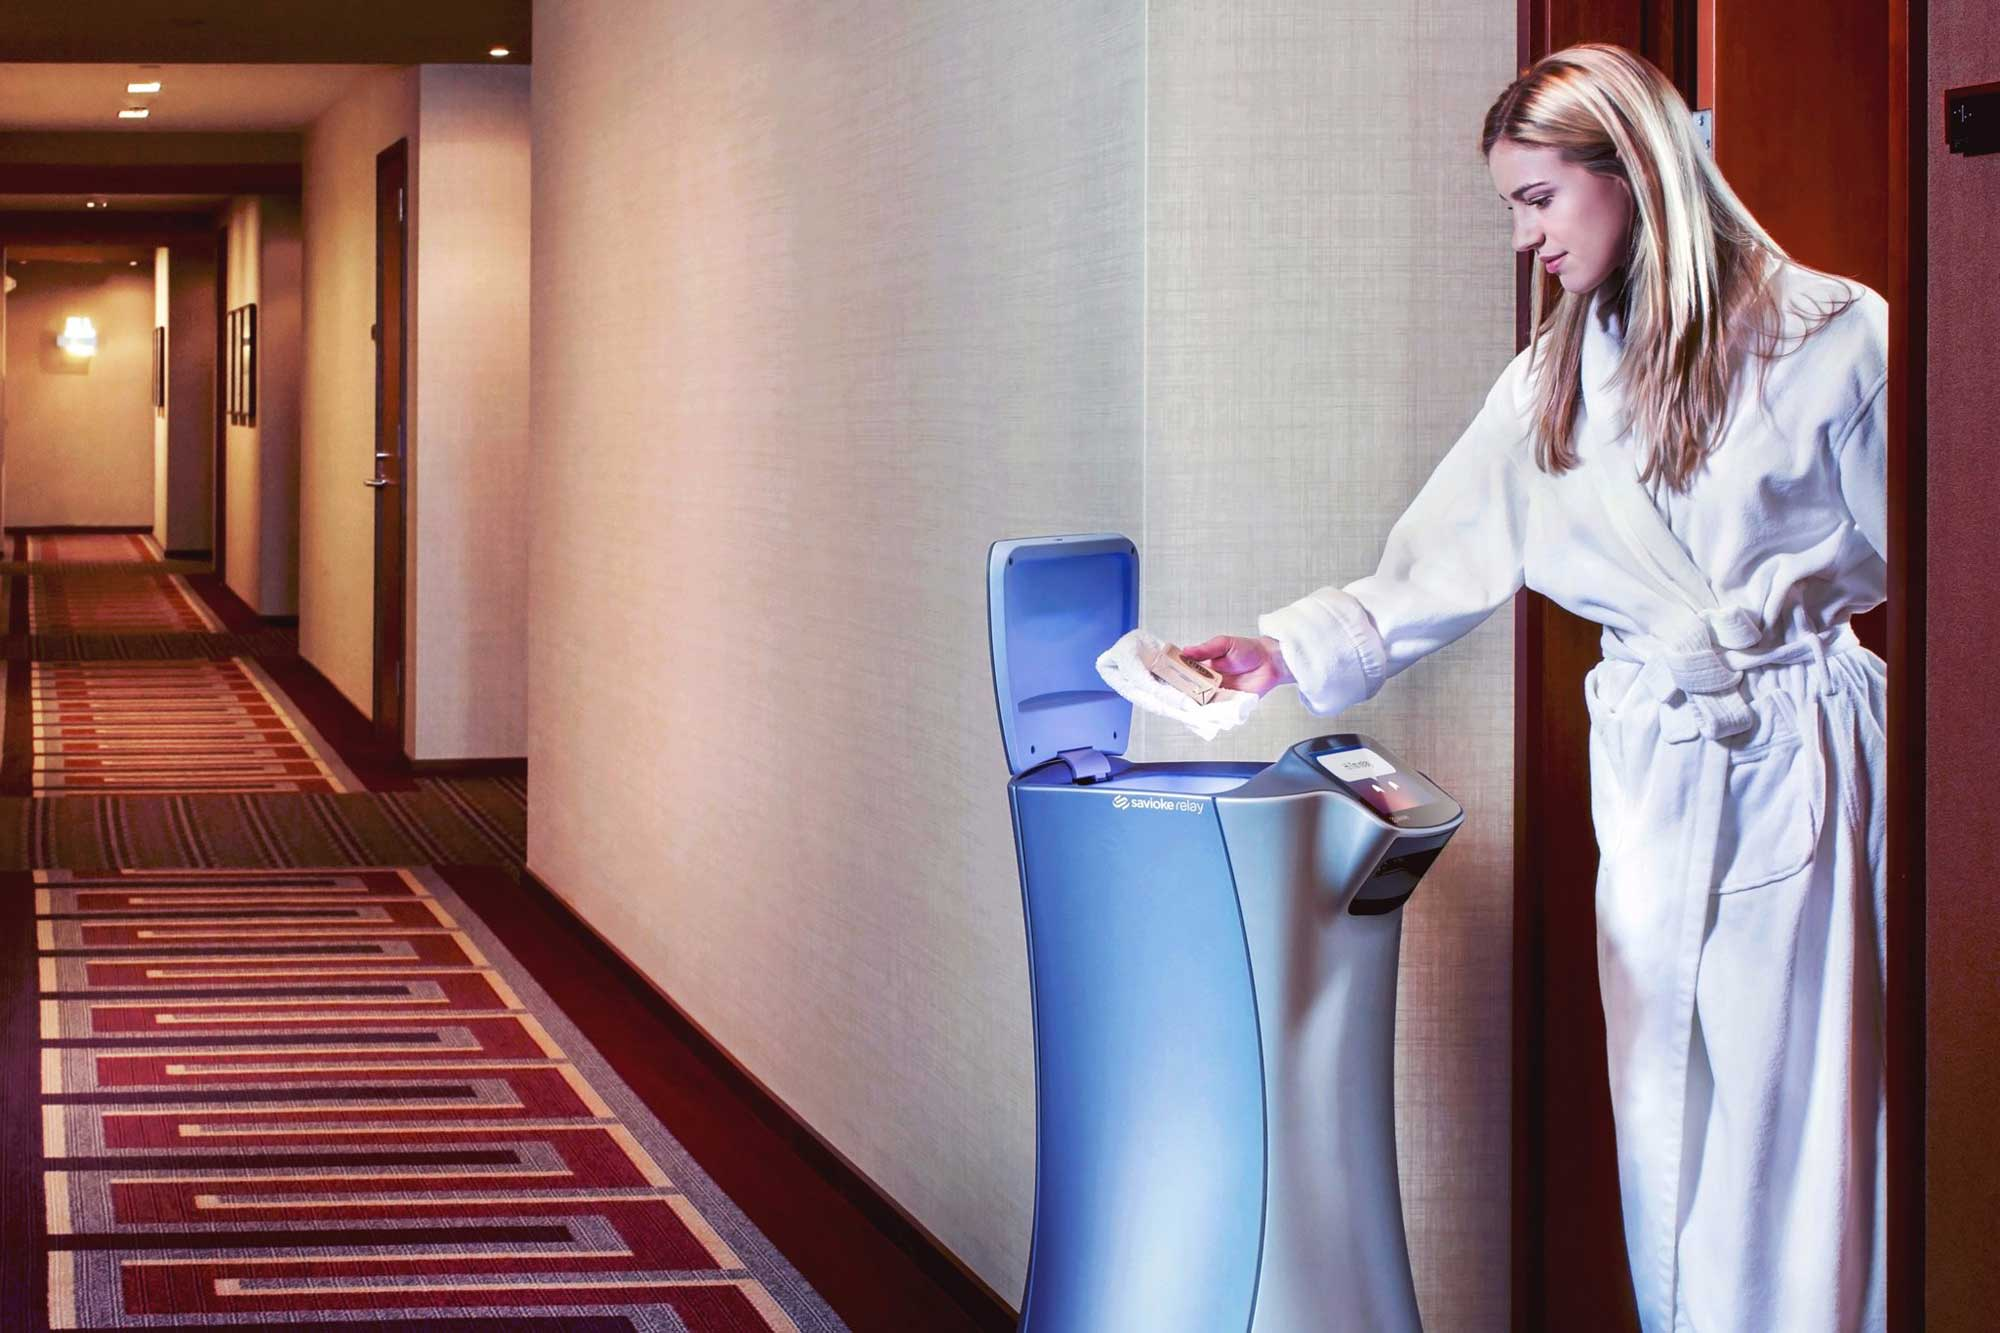 Amenities - robotska posluga u hotelu